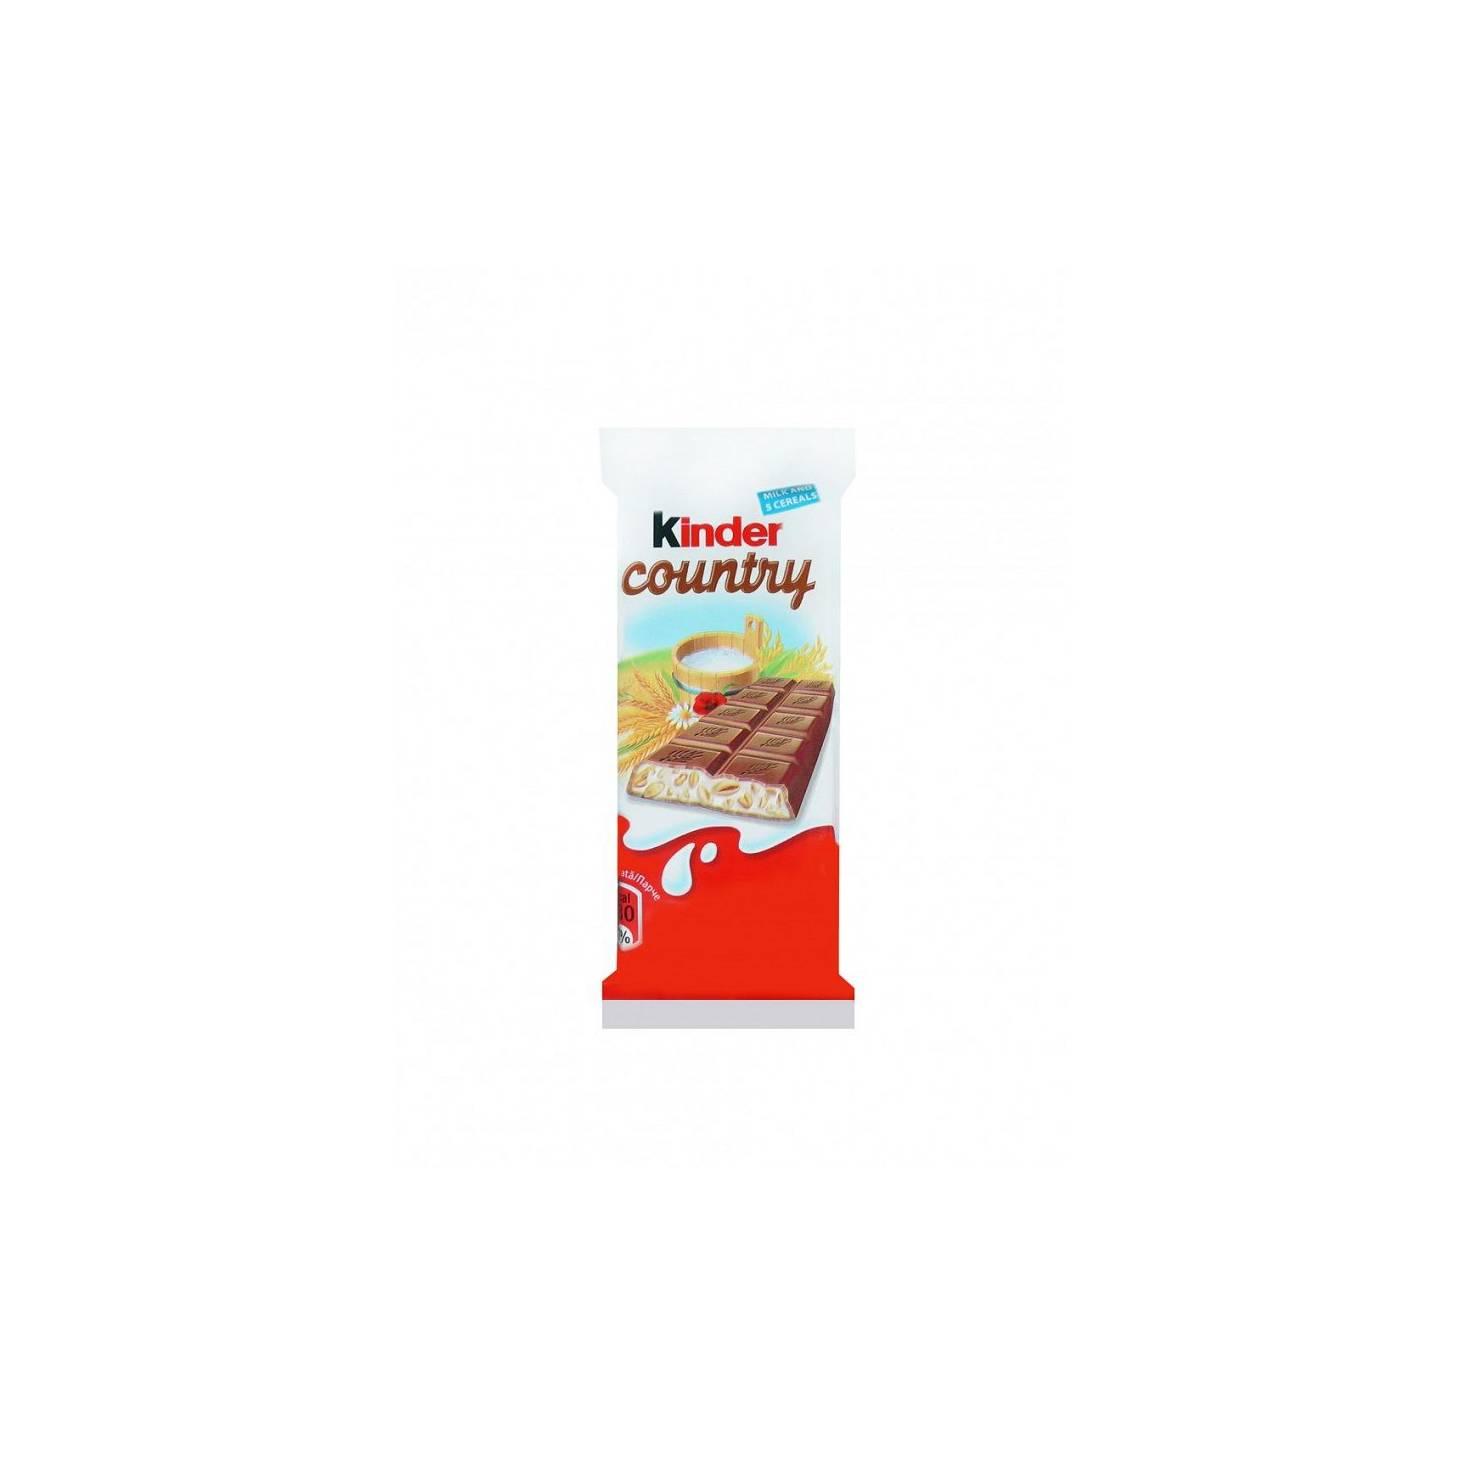 Ciocolata cu lapte cu implutura de lapte si 5 cereale  Kinder Country, 23.5g